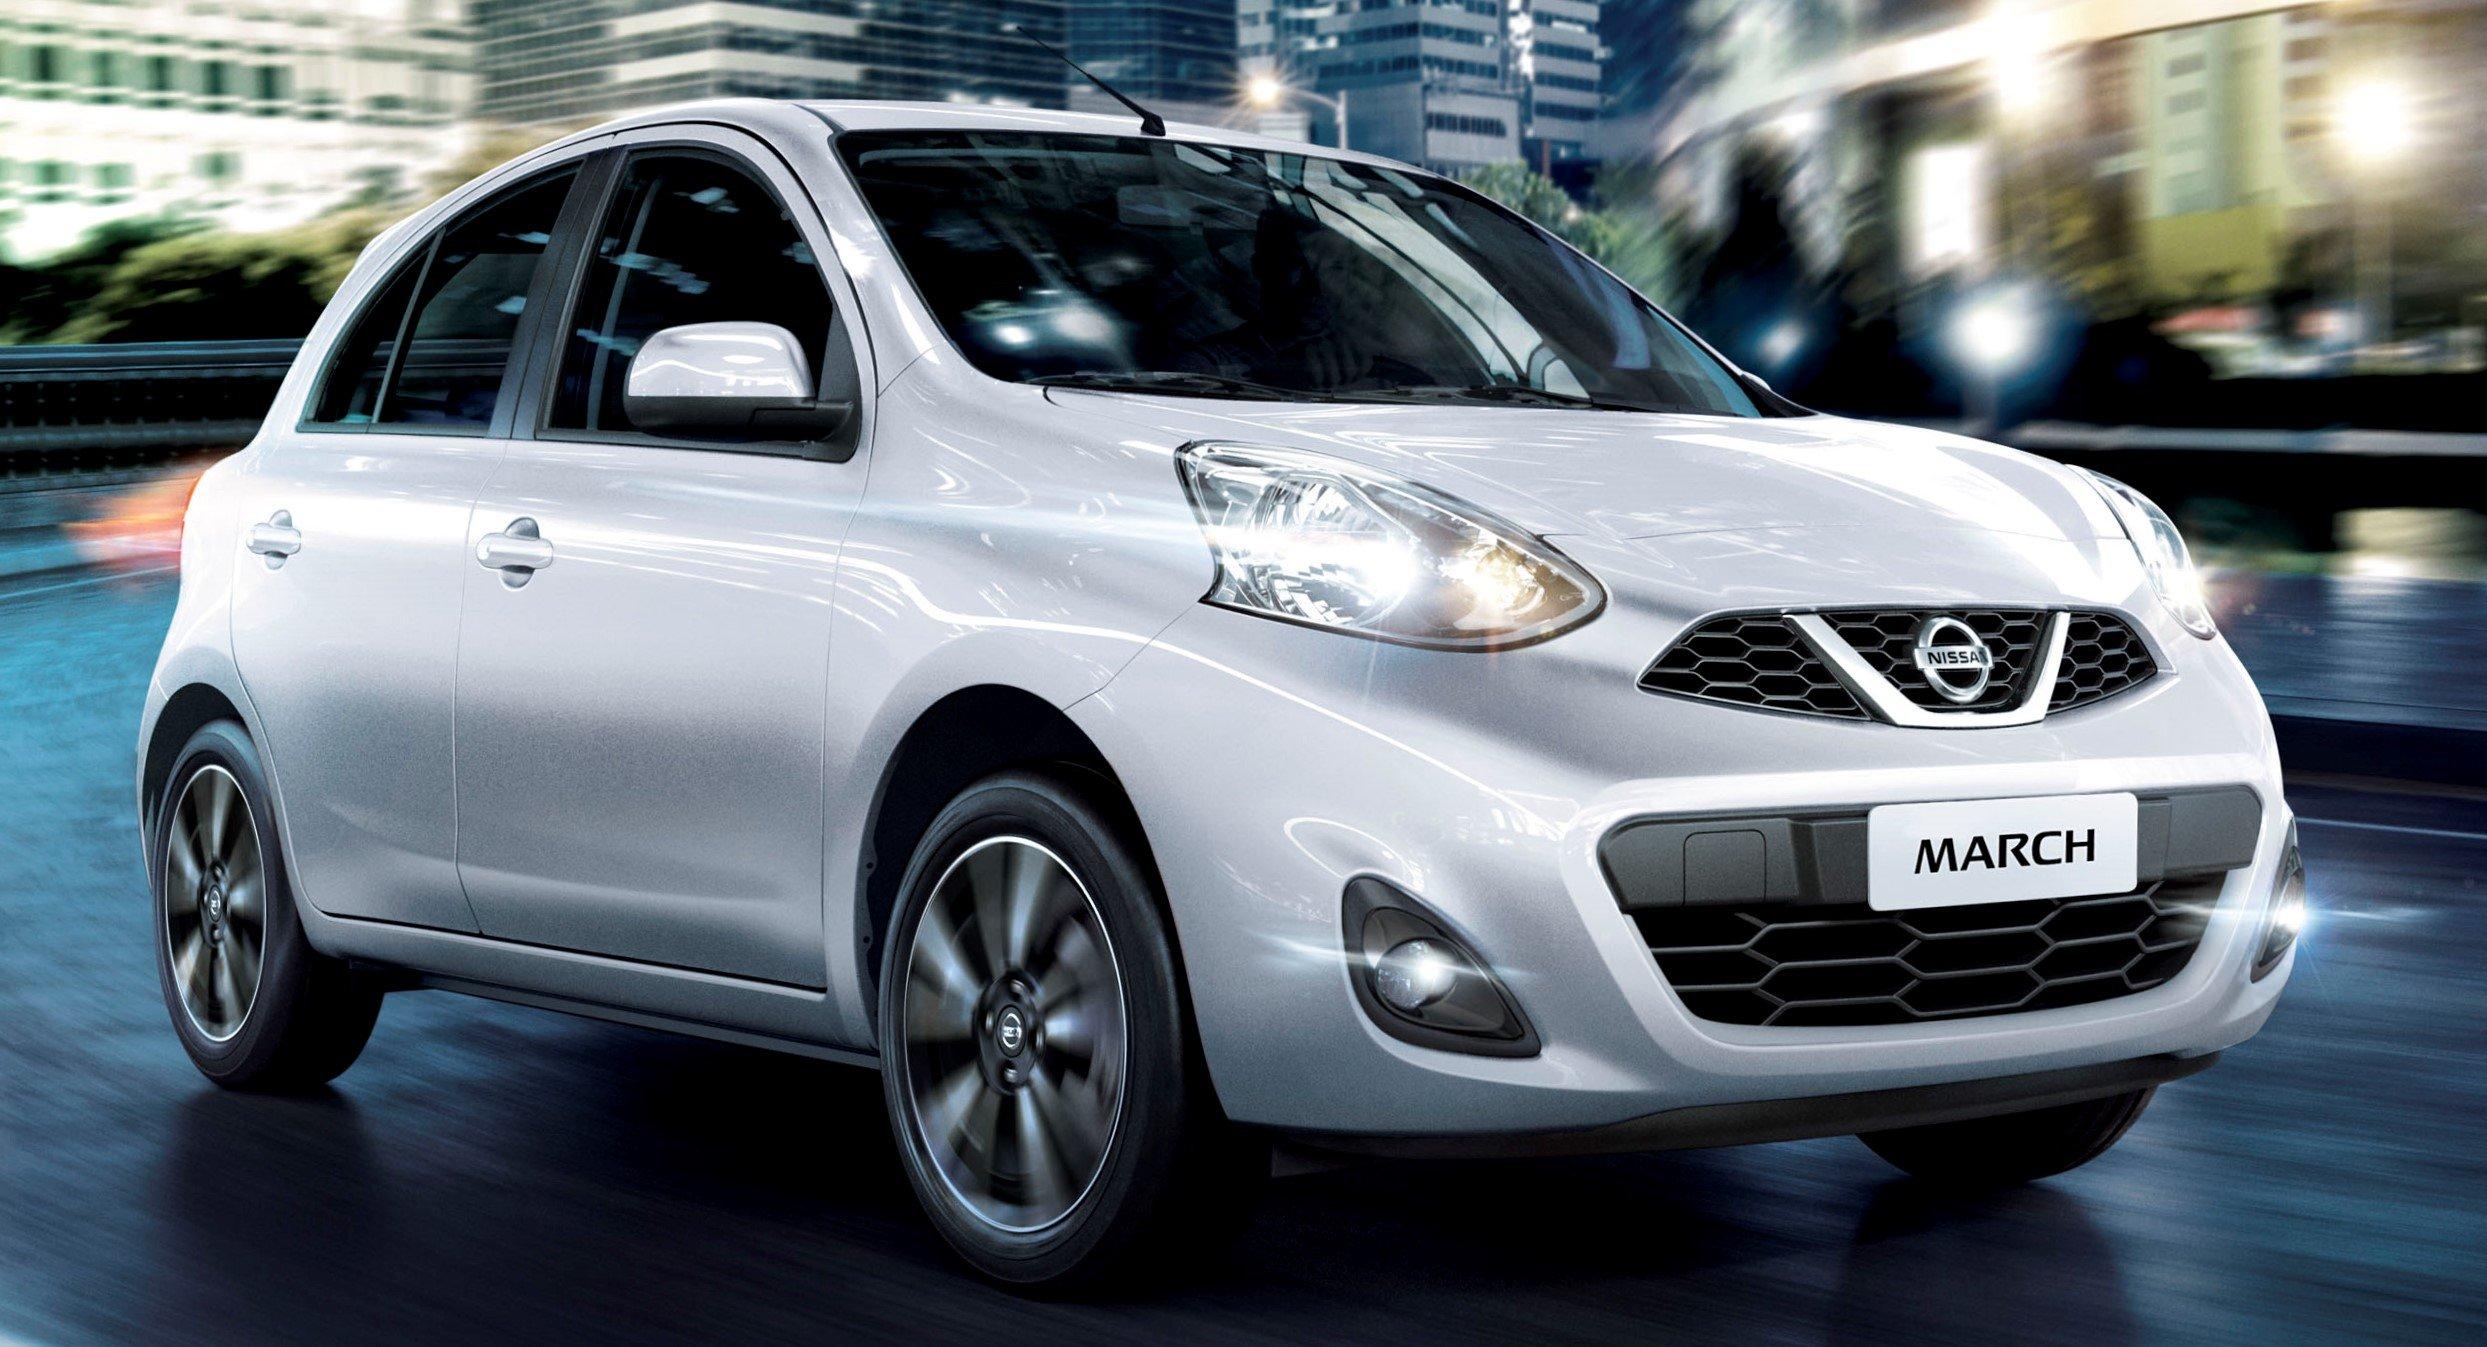 Nissan March é o automóvel com a menor desvalorização do segmento no Brasil